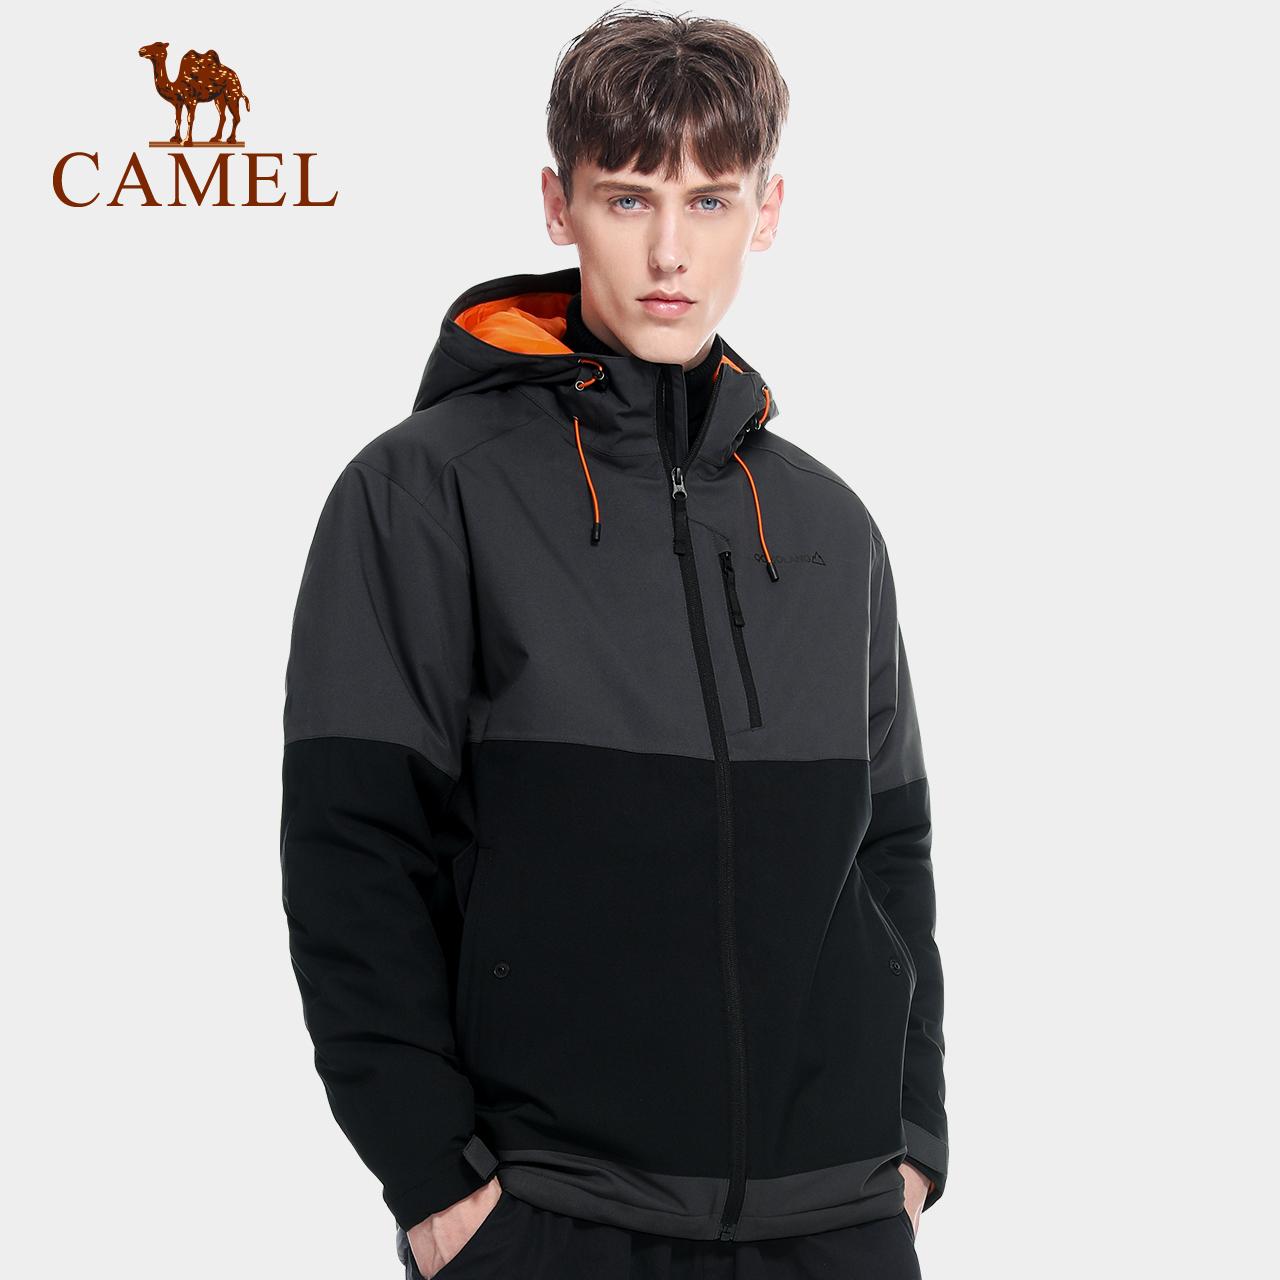 商场同款,10000+防水透湿,夹棉保暖:骆驼 男士 珠穆朗玛峰系列连帽冲锋衣